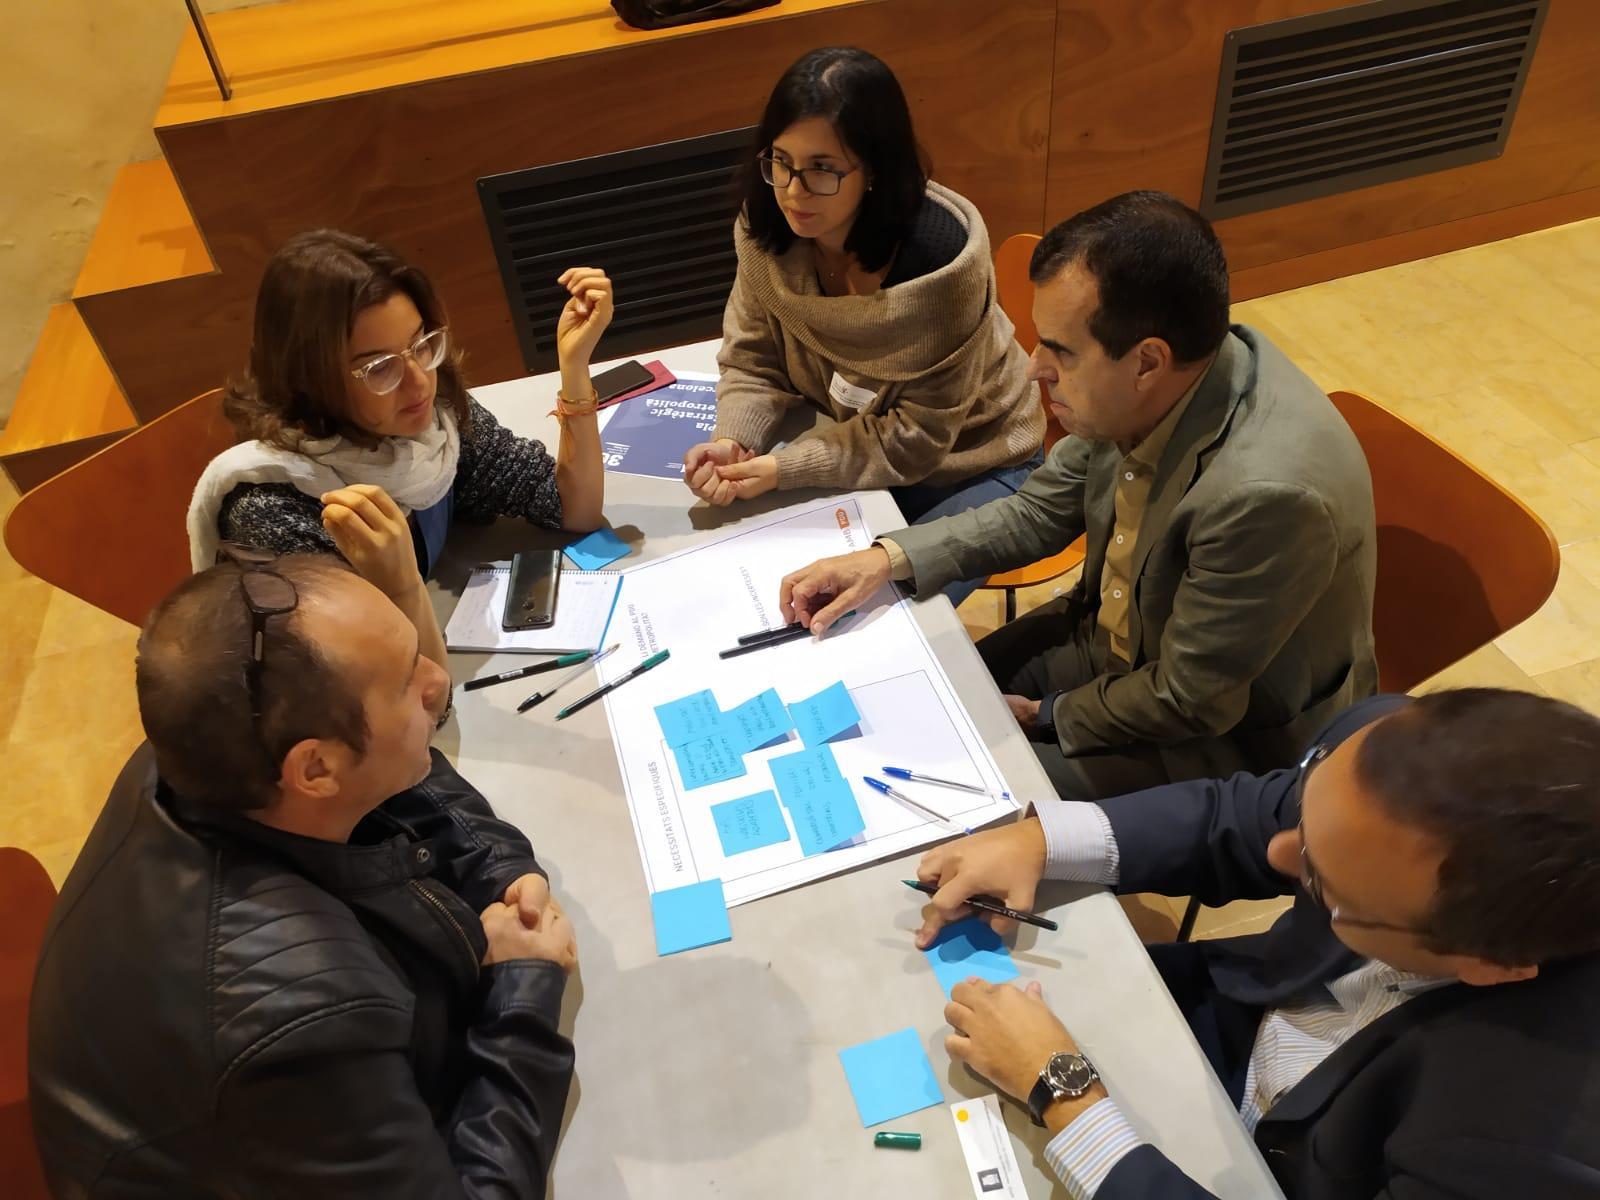 Los grupos en la dinámica de necesidades e incertidumbres